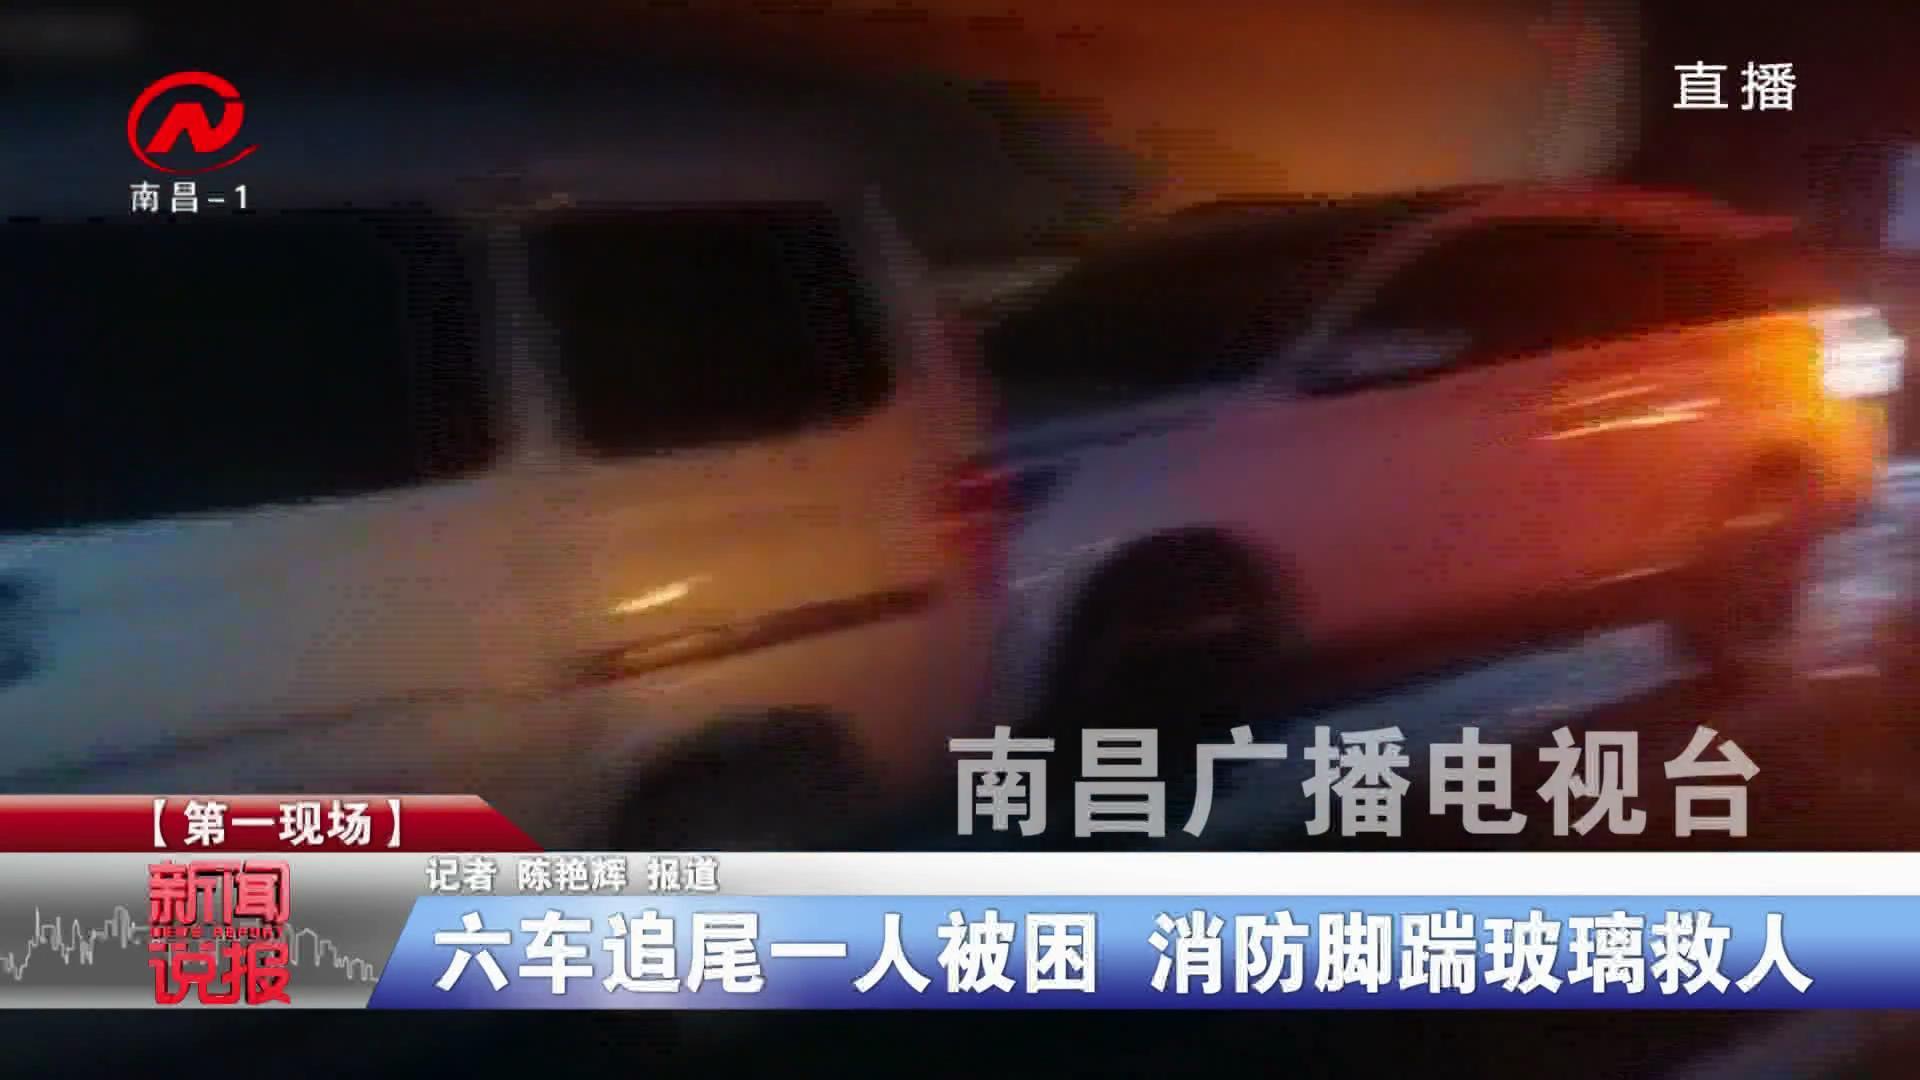 六车追尾一人被困 消防脚踹玻璃救人